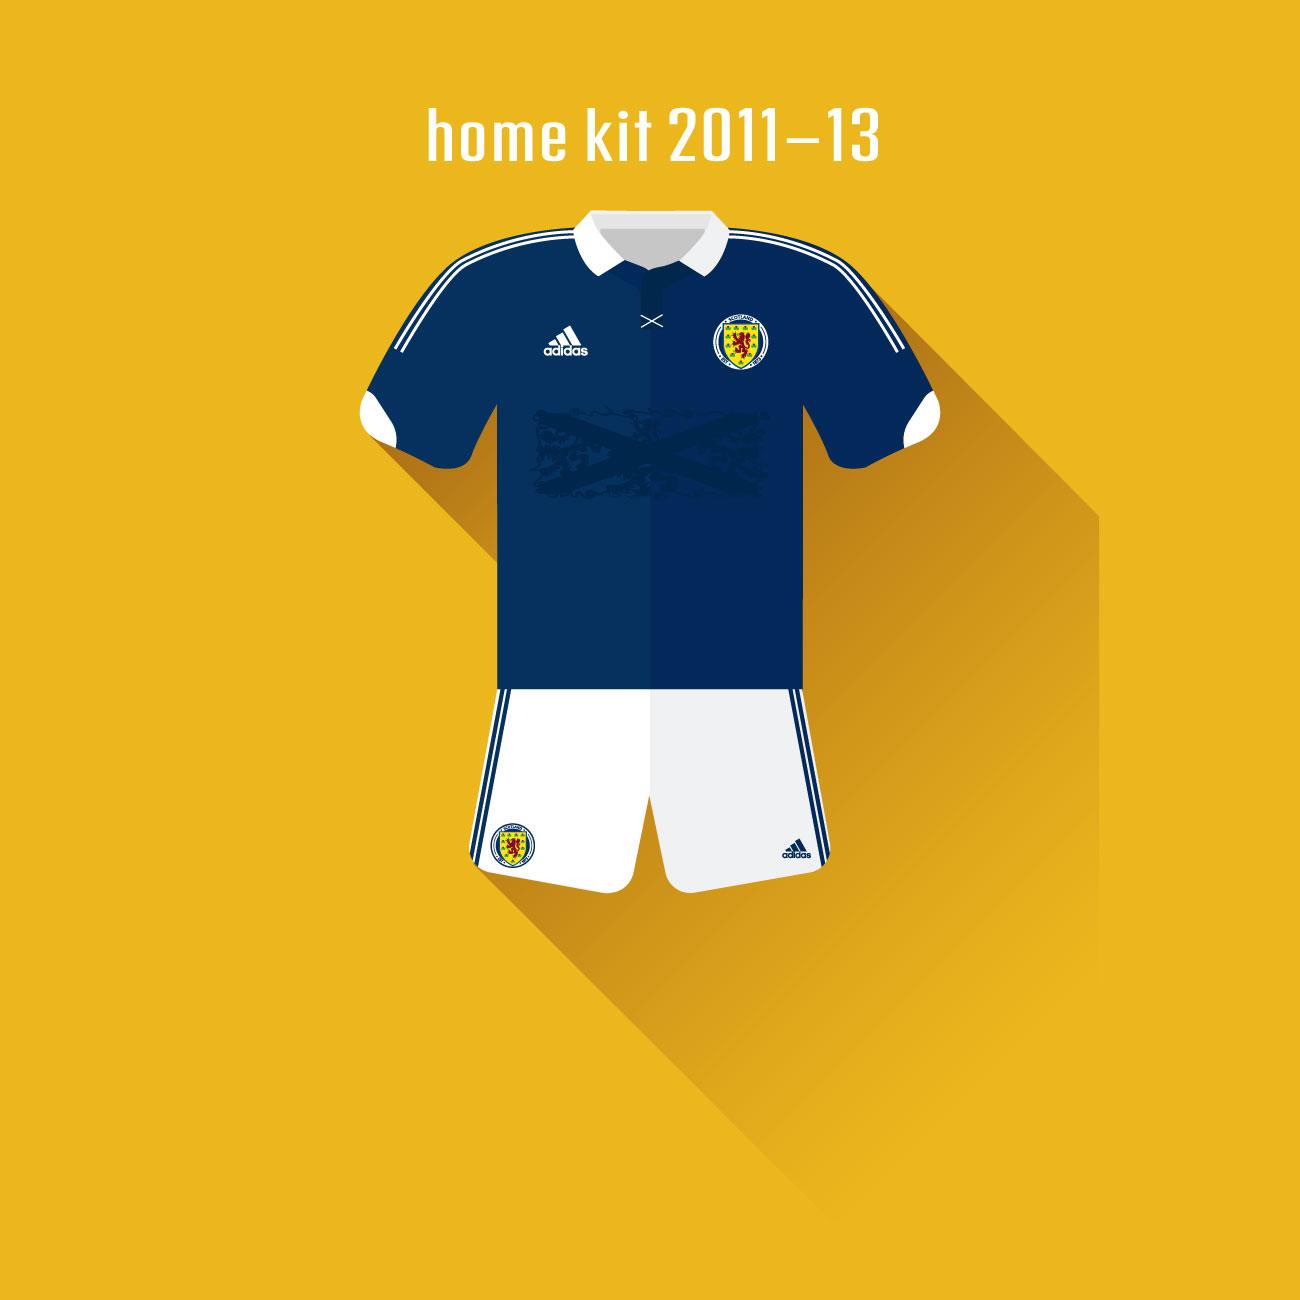 scotland-home-2011-13